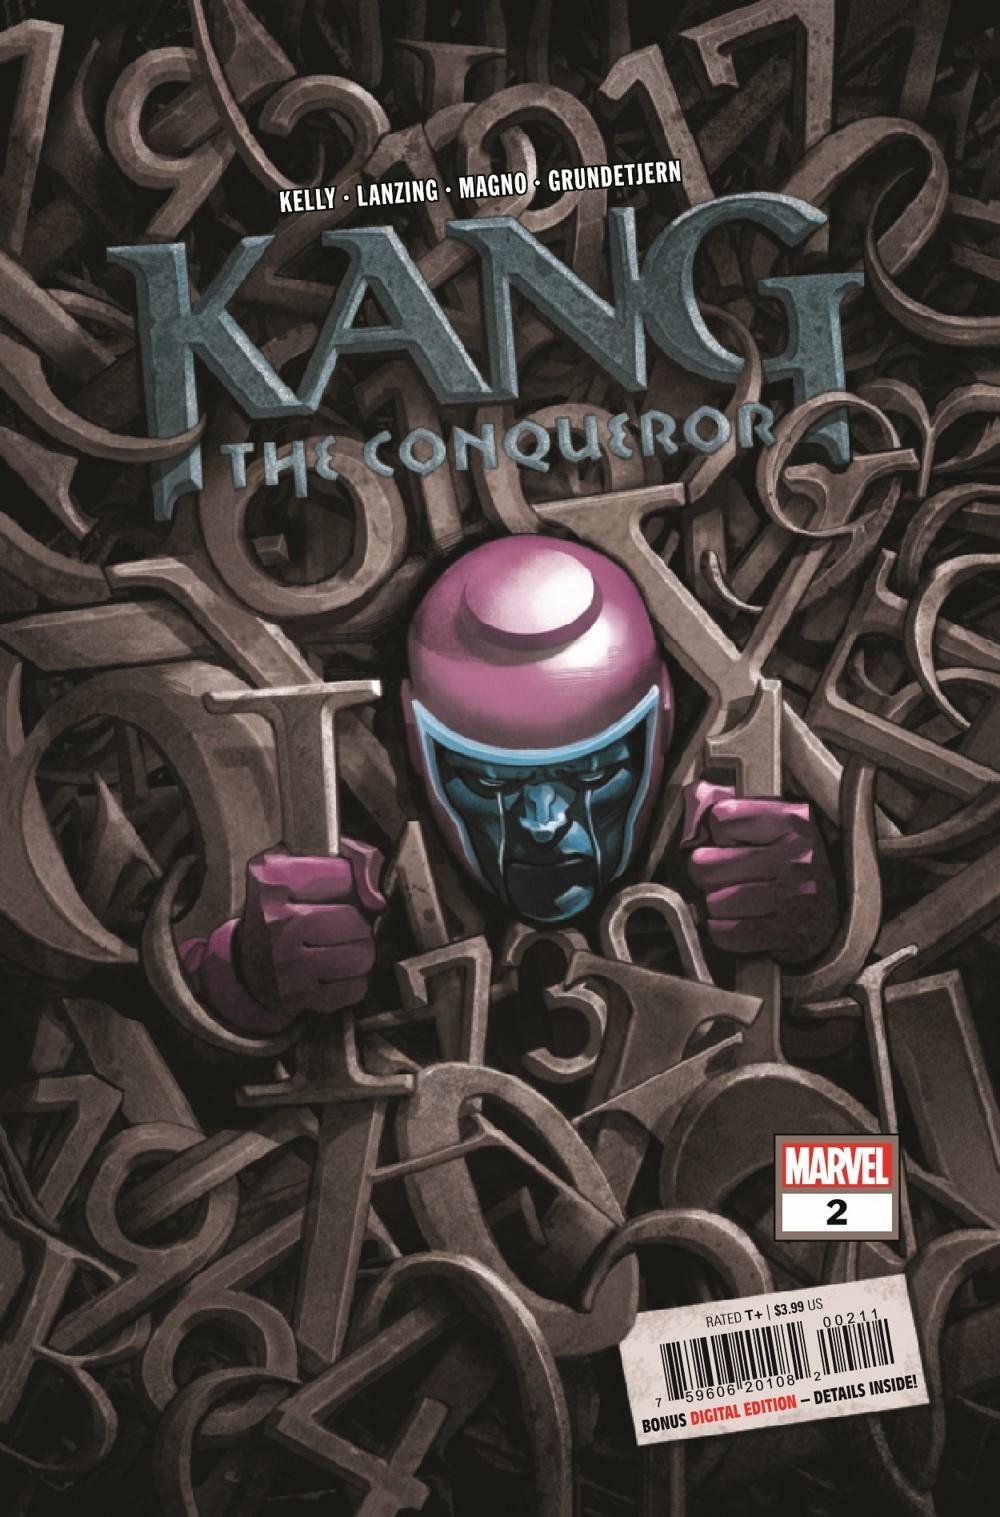 KANGCONQUEROR2021002_Preview-1 ComicList Previews: KANG THE CONQUEROR #2 (OF 5)